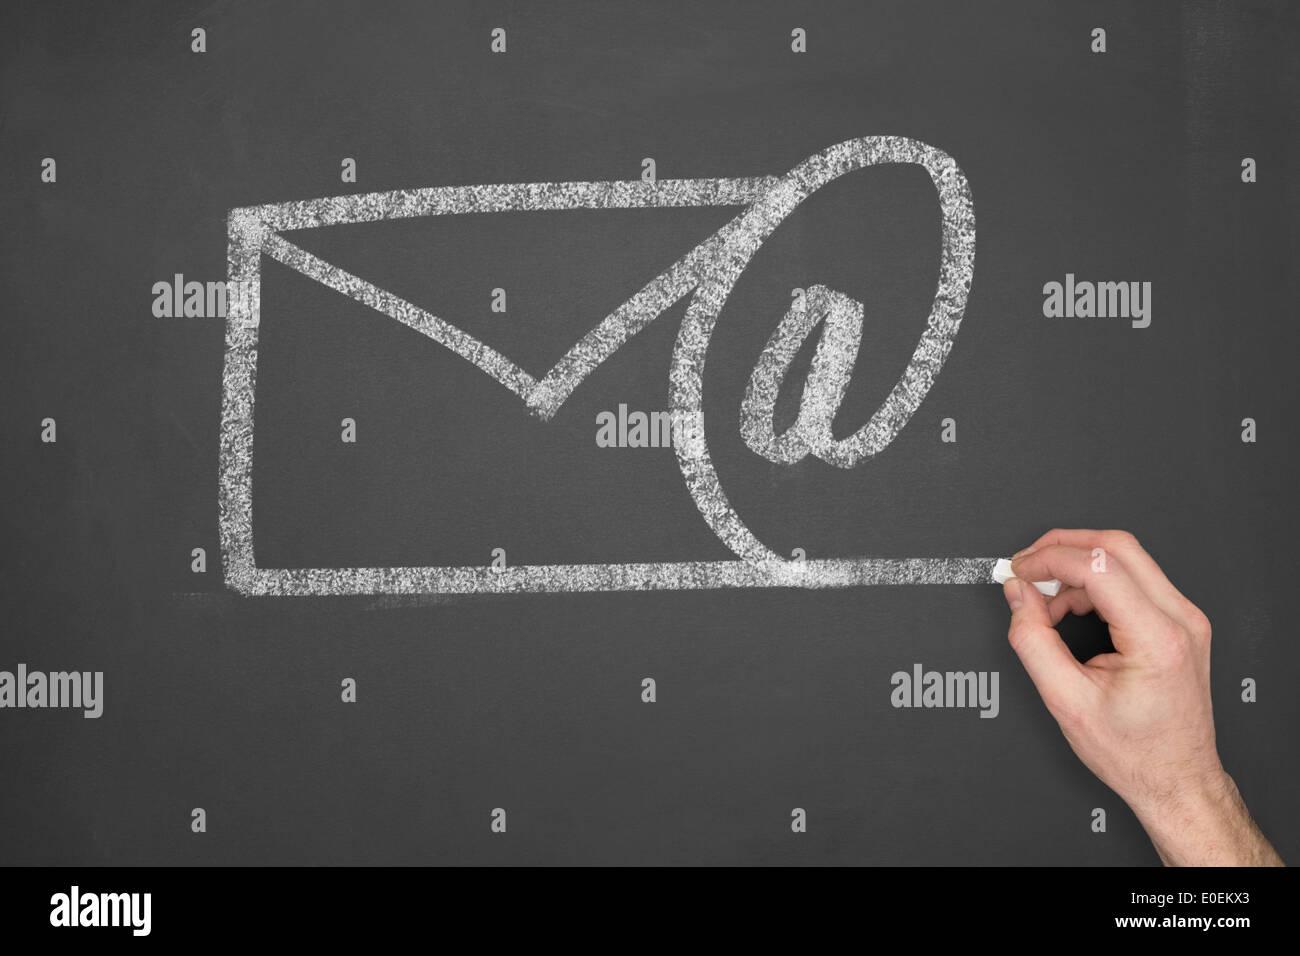 Un empresario dibujando un símbolo de correo electrónico en una pizarra. Imagen De Stock